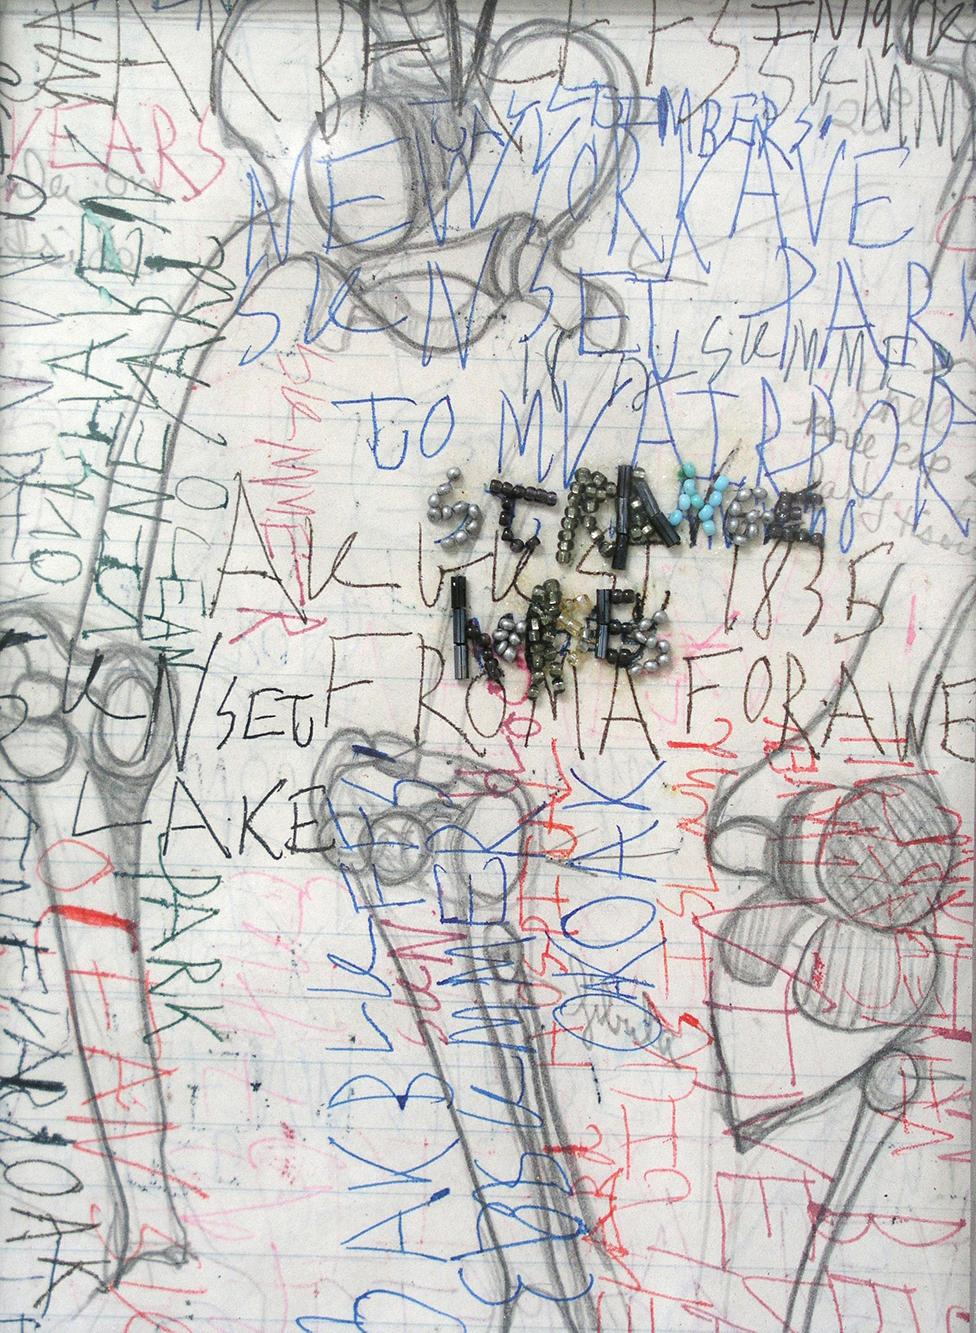 %22StrangeHorses%22,beads,ink,pencilonpaper,7.5x5.5in.,2008.jpg